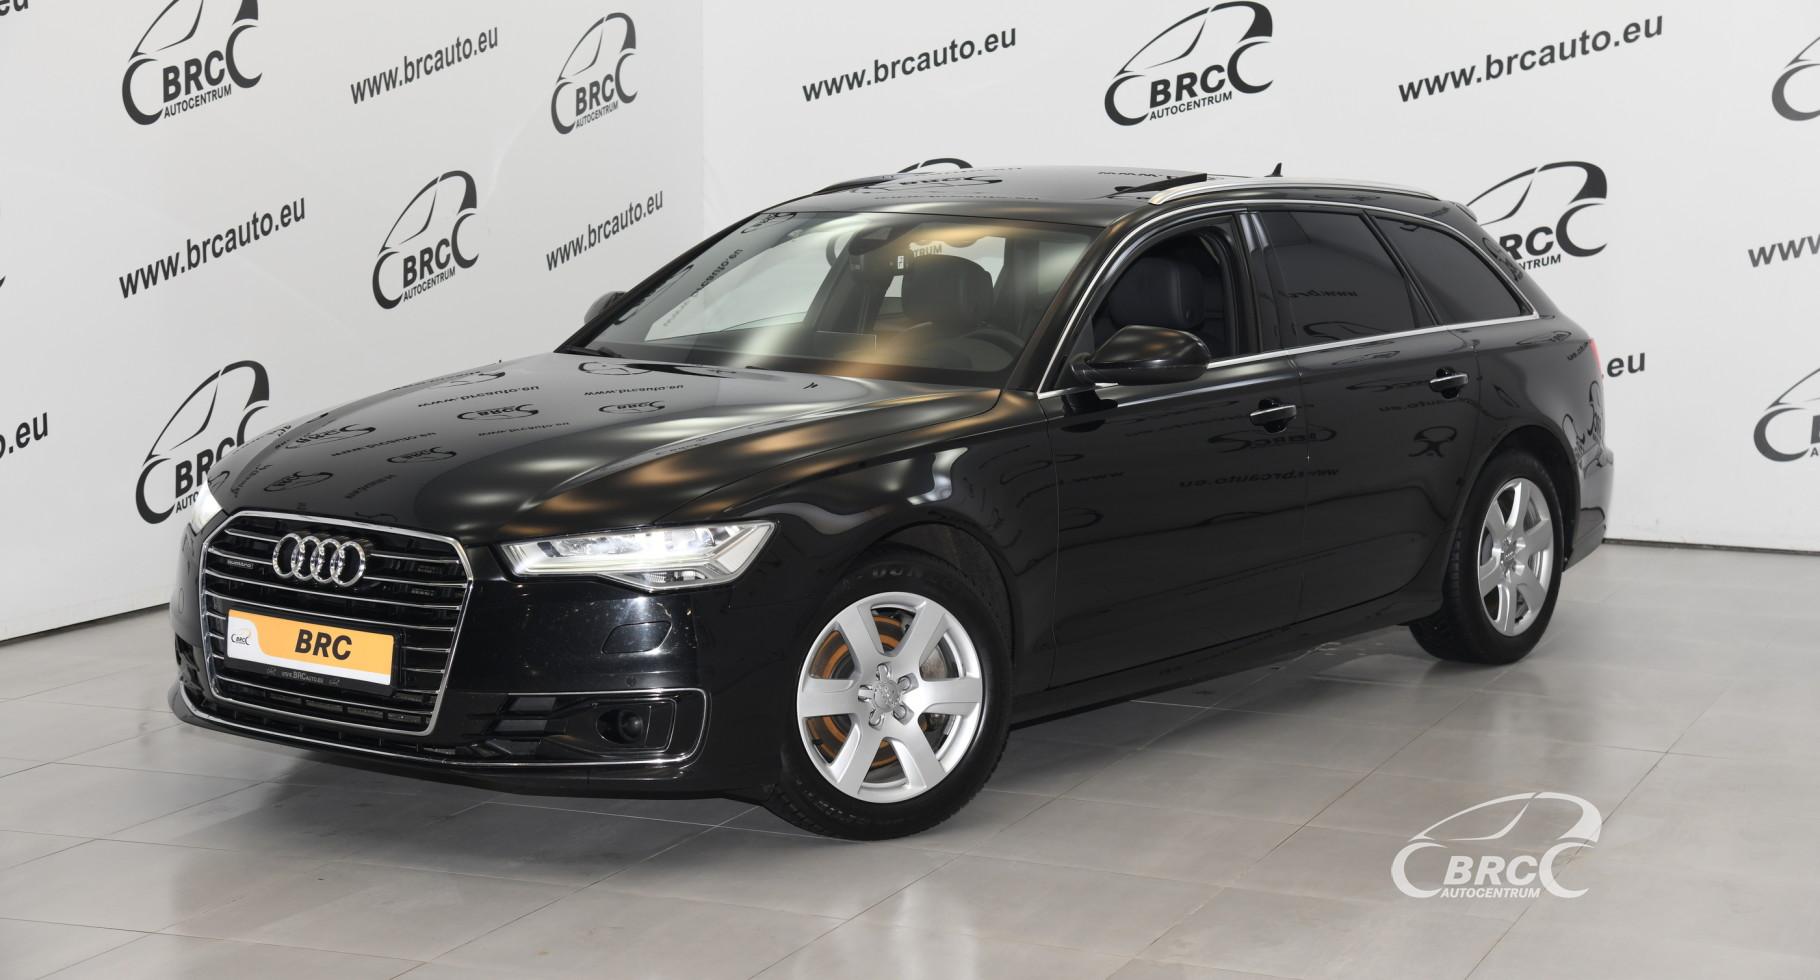 Audi A6 3.0TDI Avant Quattro Automatas